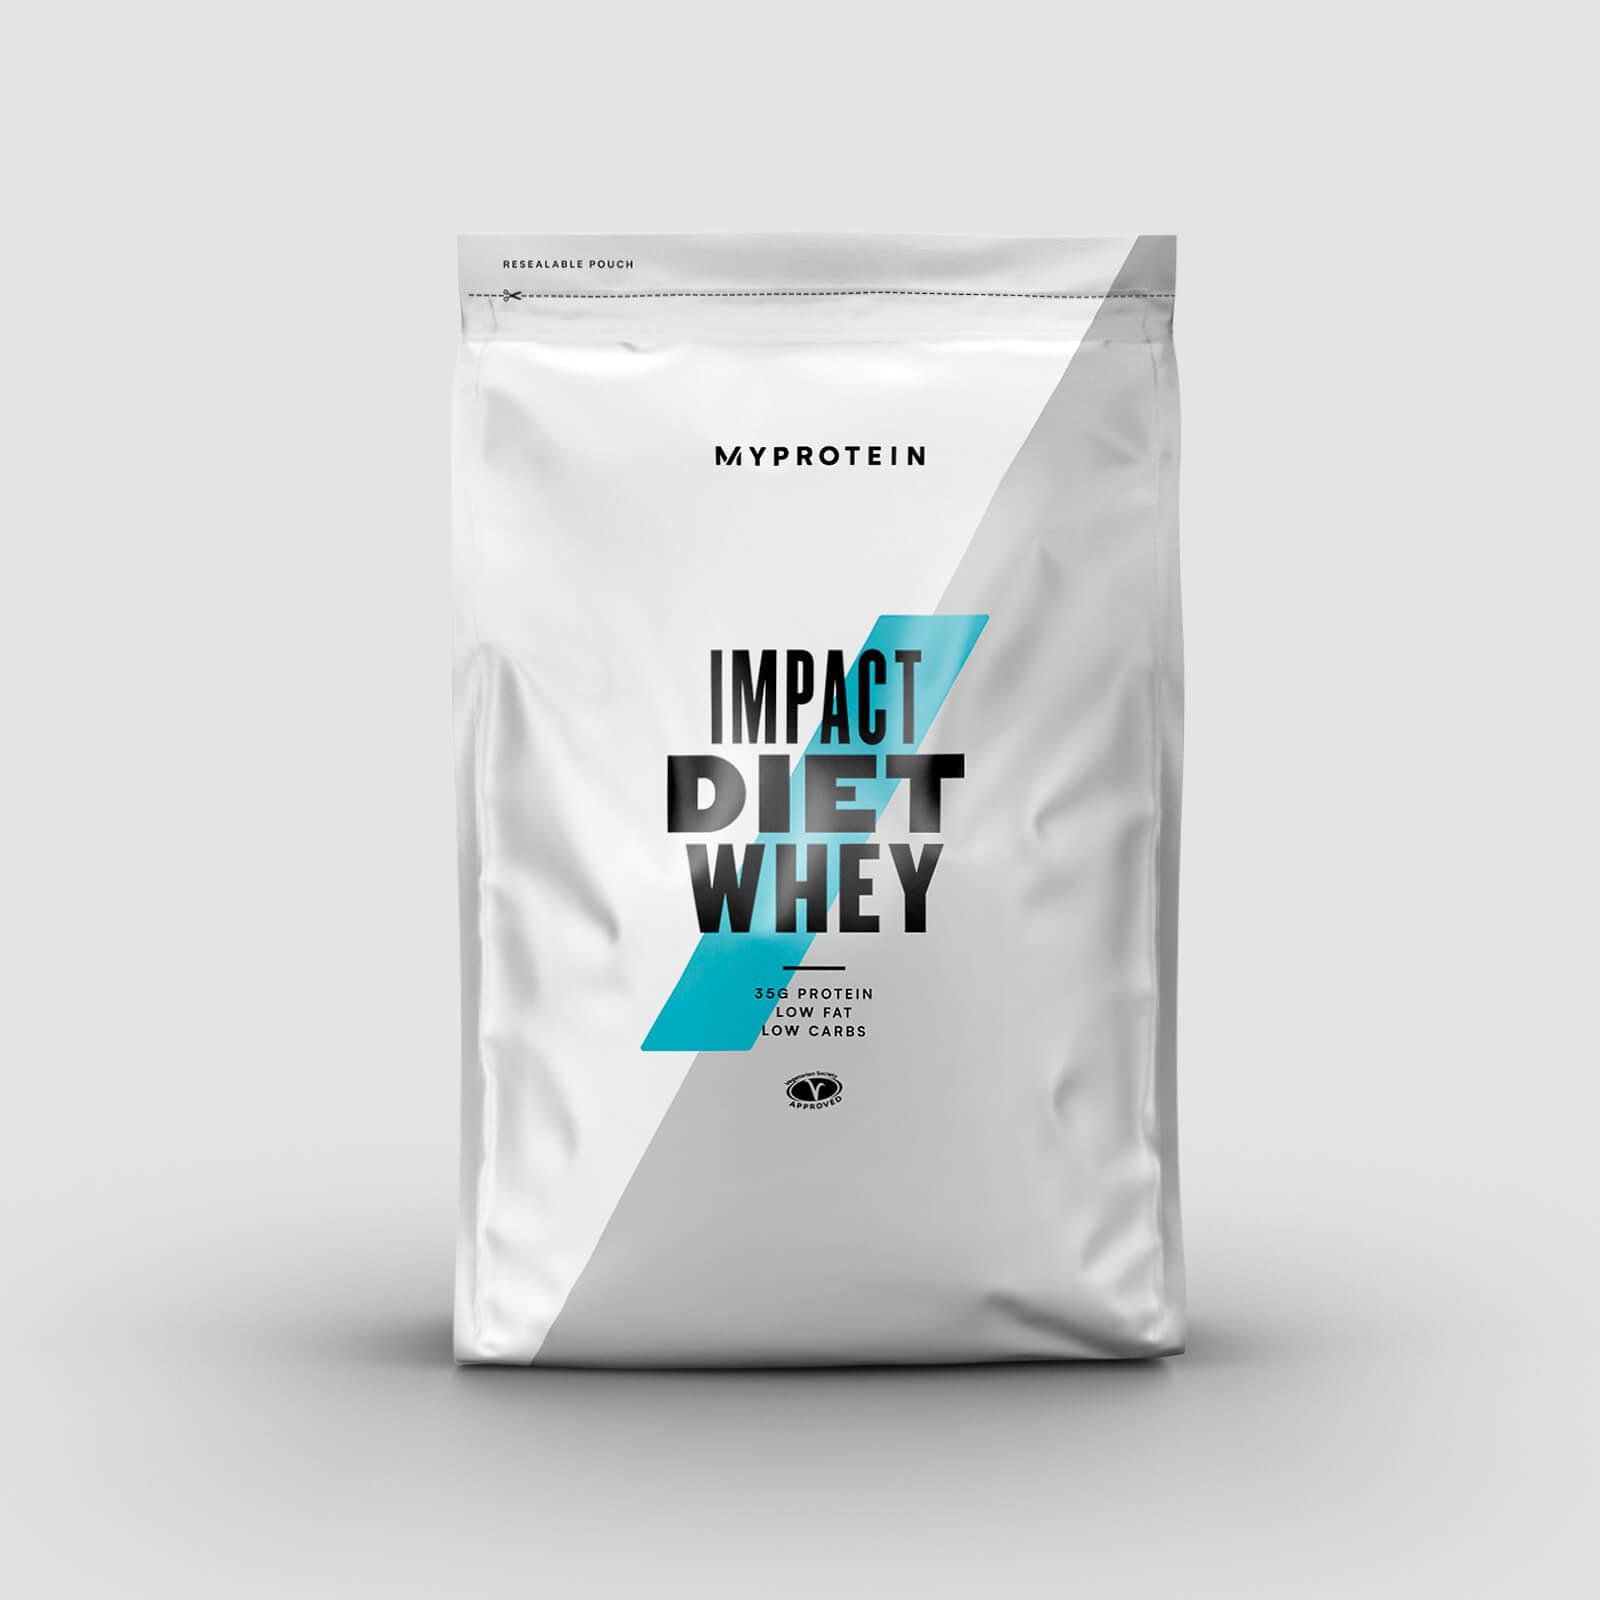 Myprotein Impact Diet Whey - 250g - Menthe chocolat